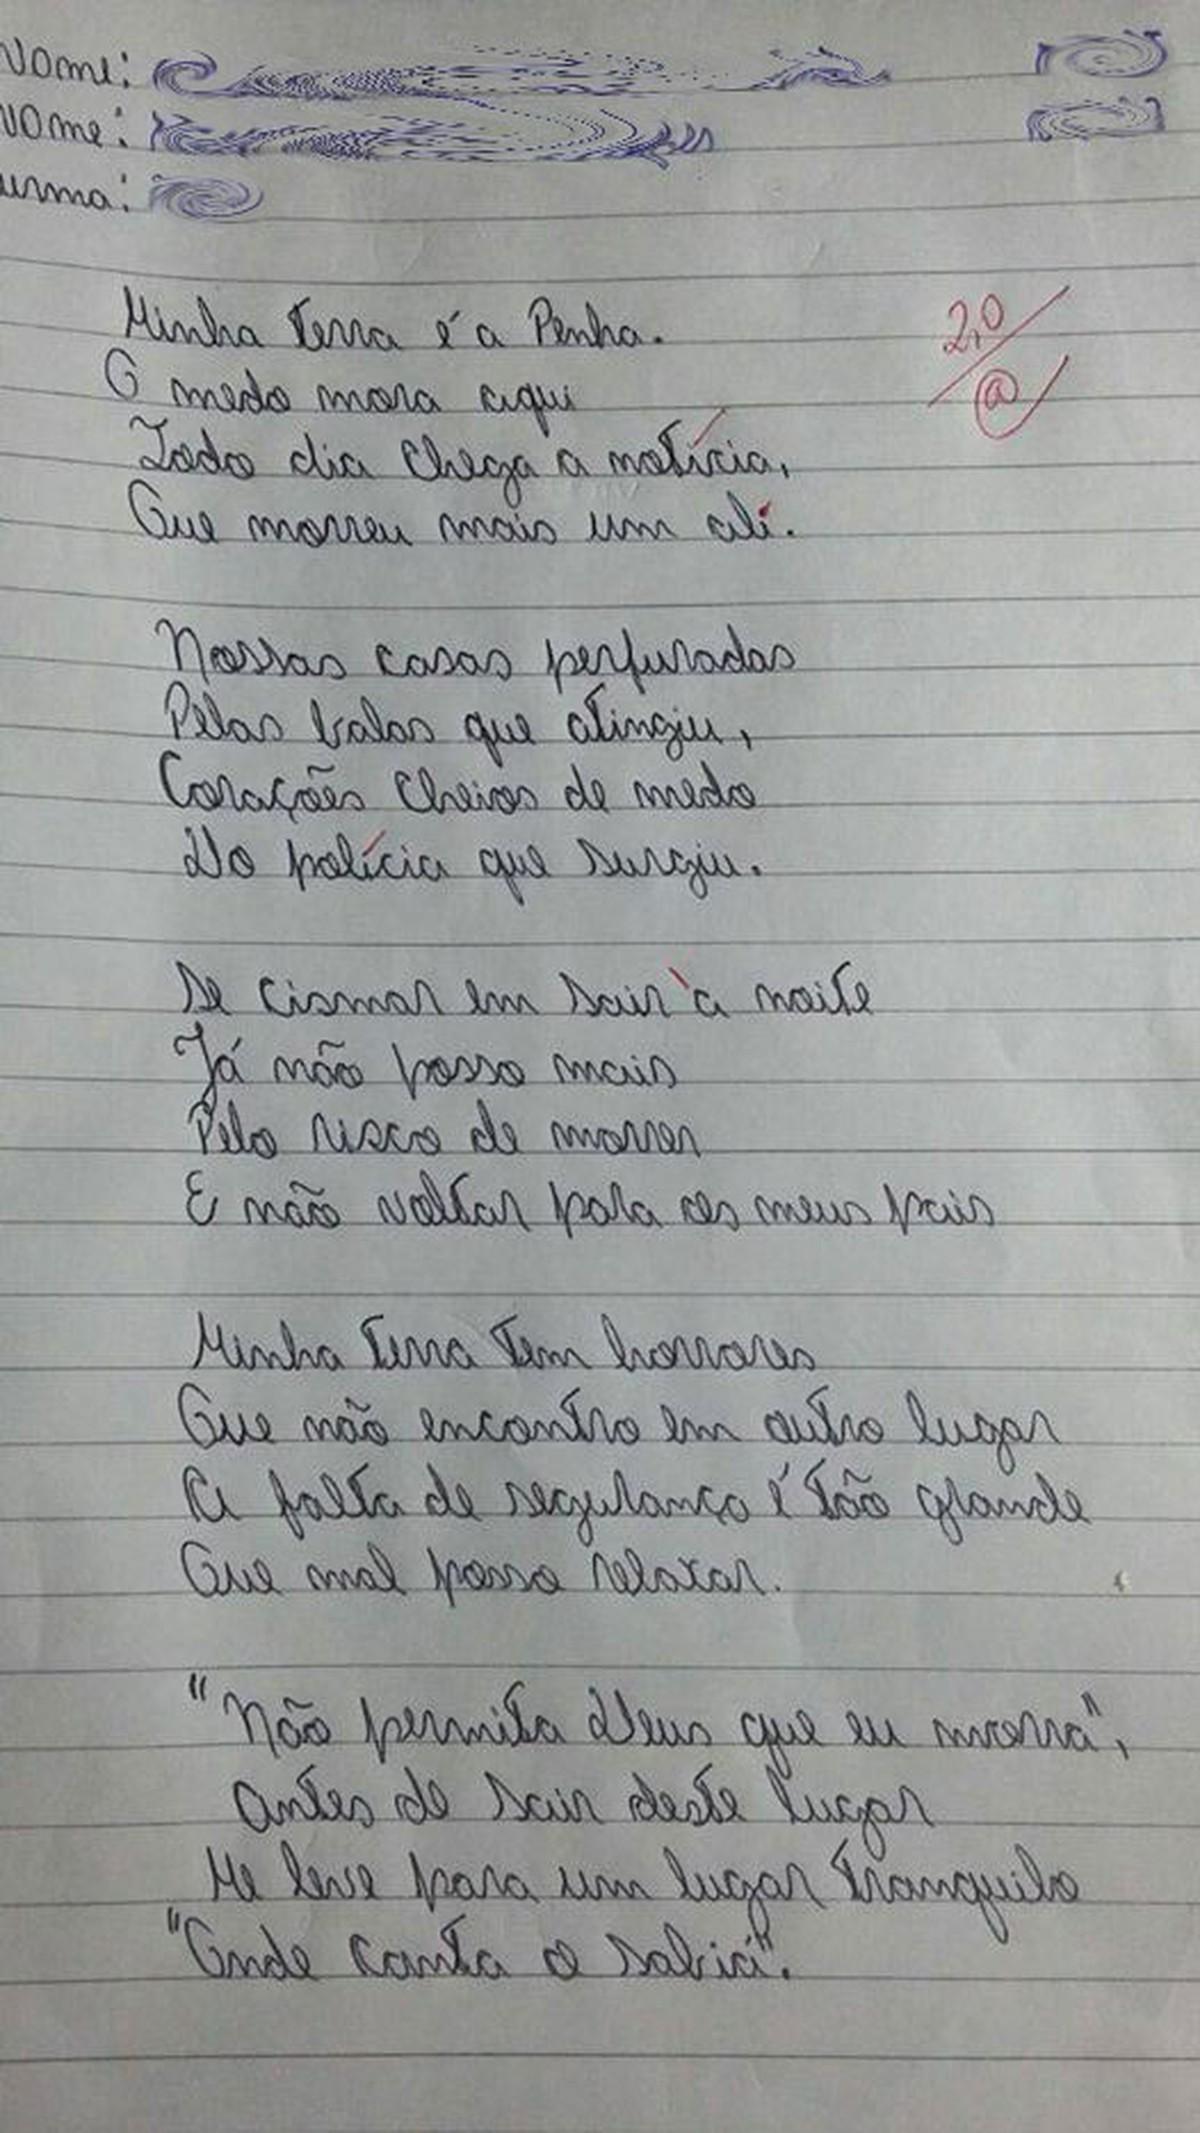 21f3e5a1f7  Minha terra tem horrores   versão de poema feita por alunos do Rio causa  comoção nas redes sociais